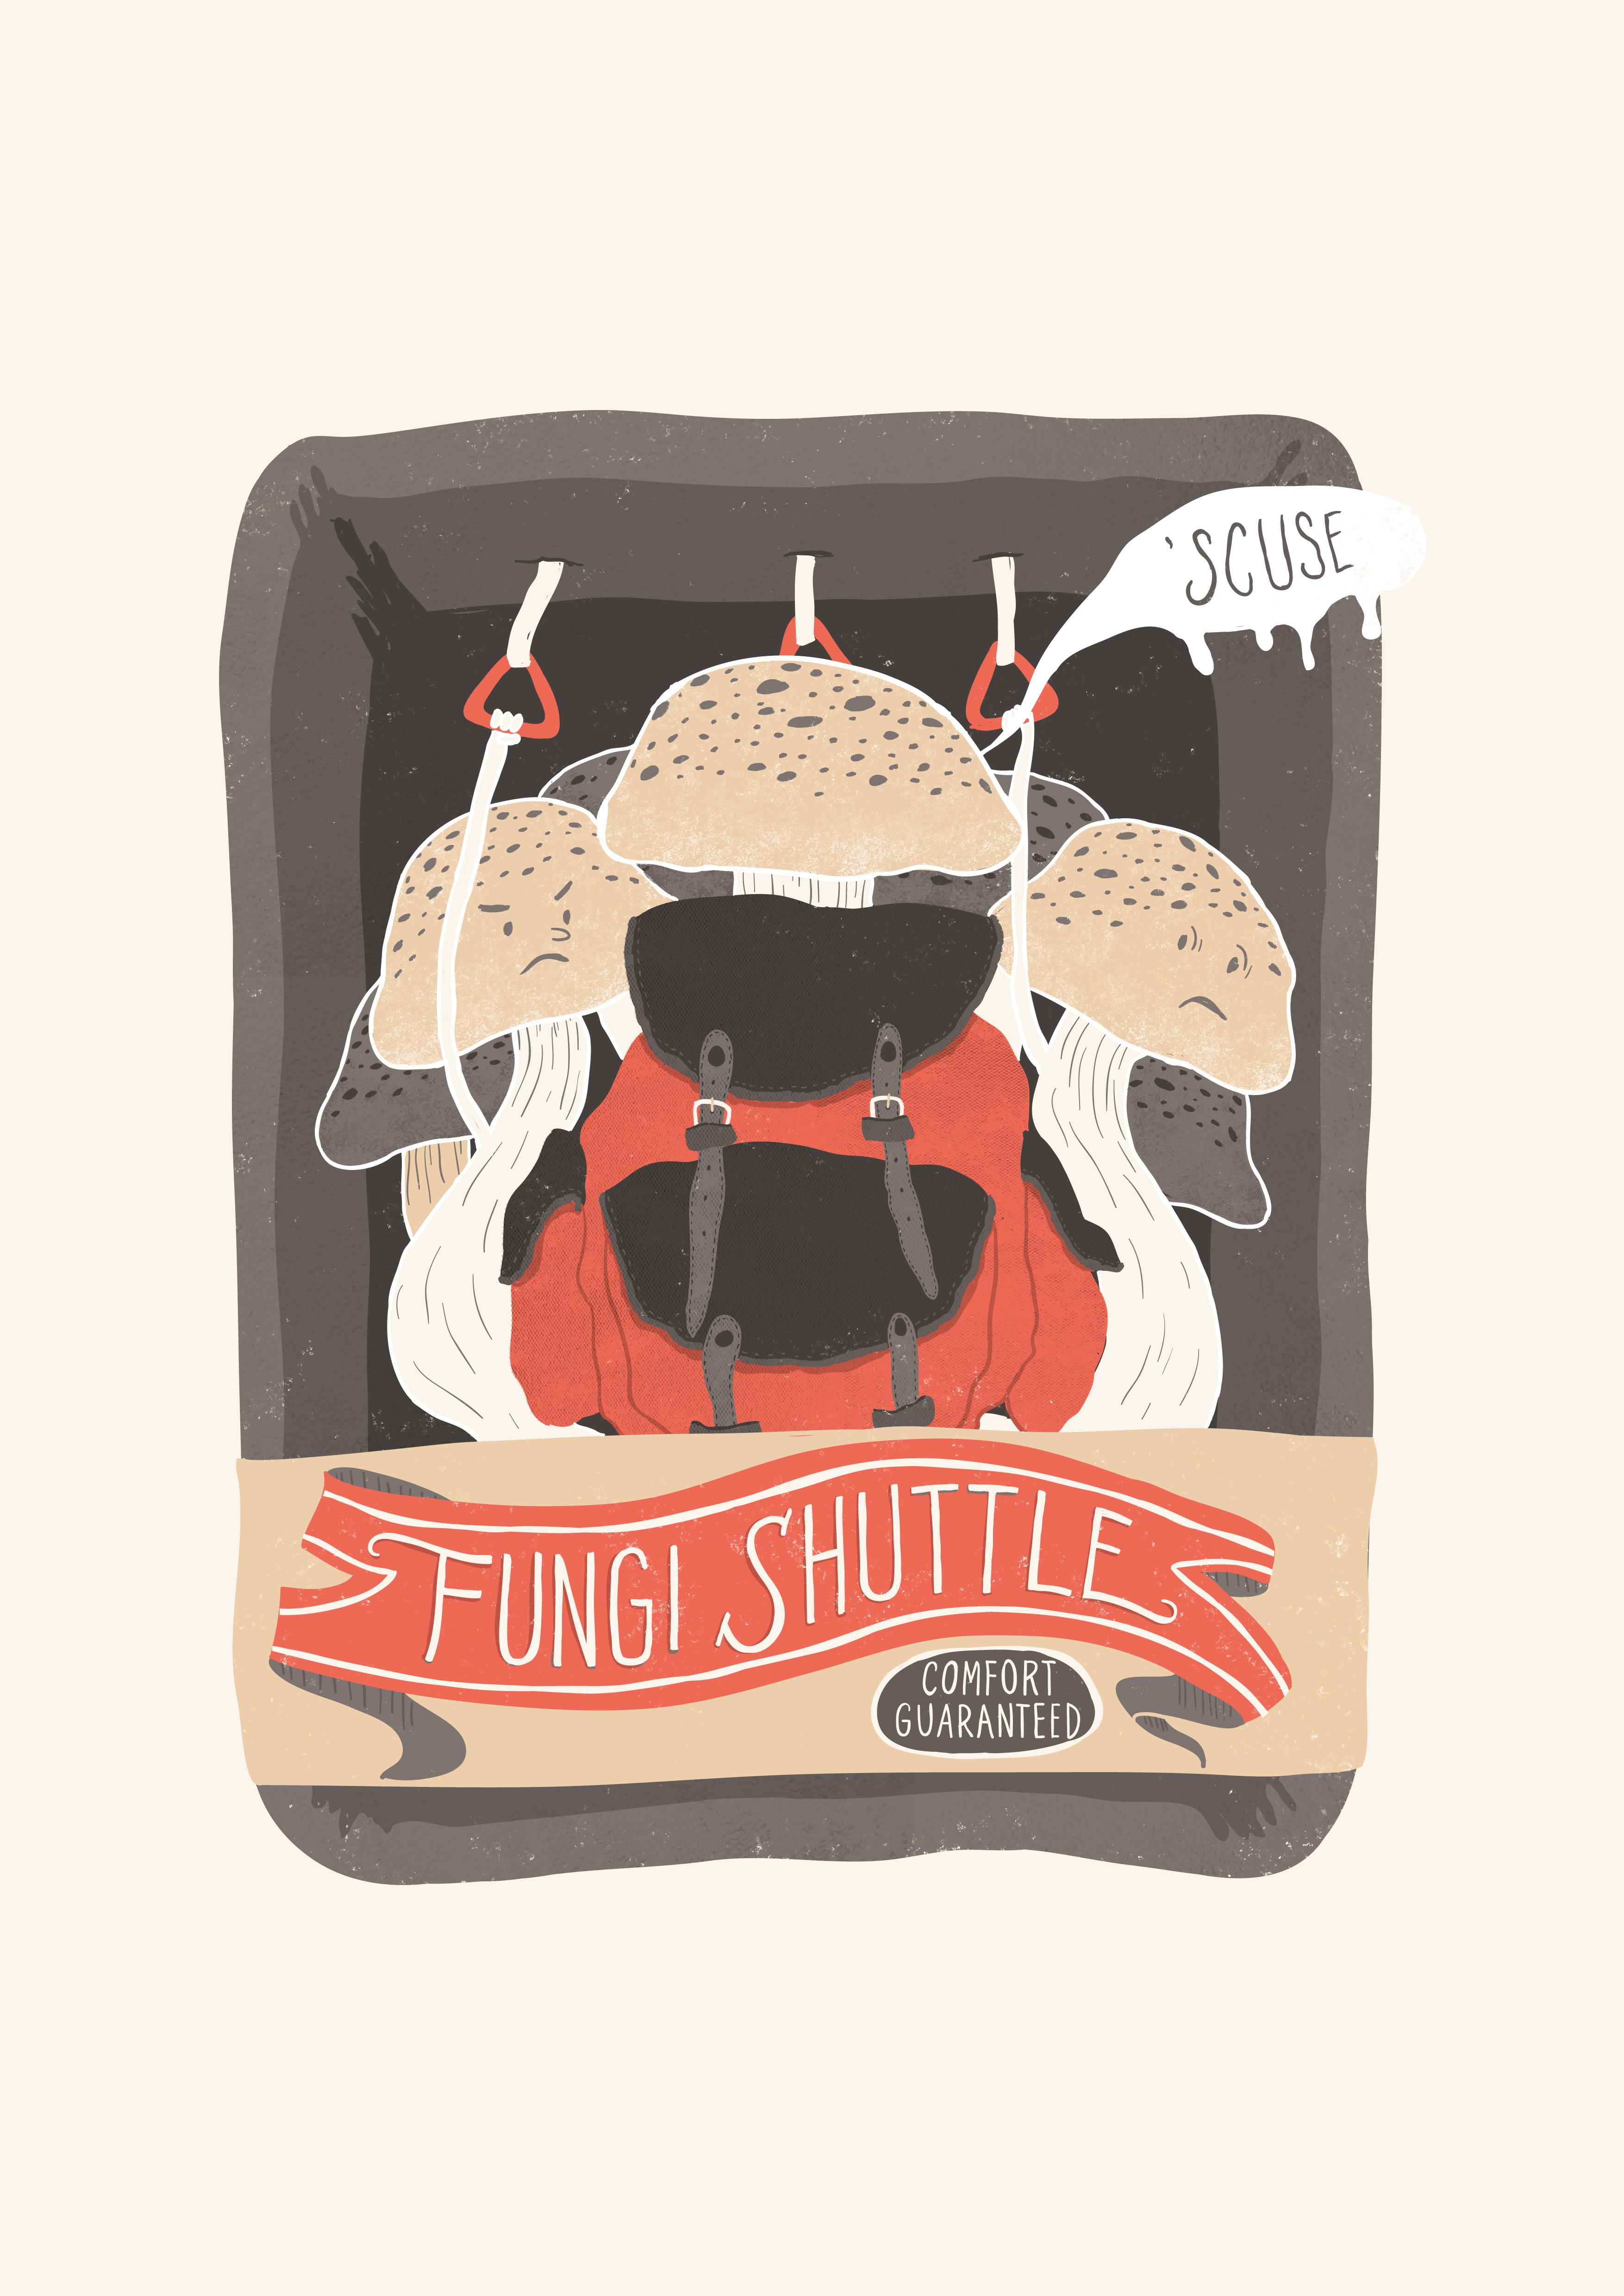 Fungi Shuttle